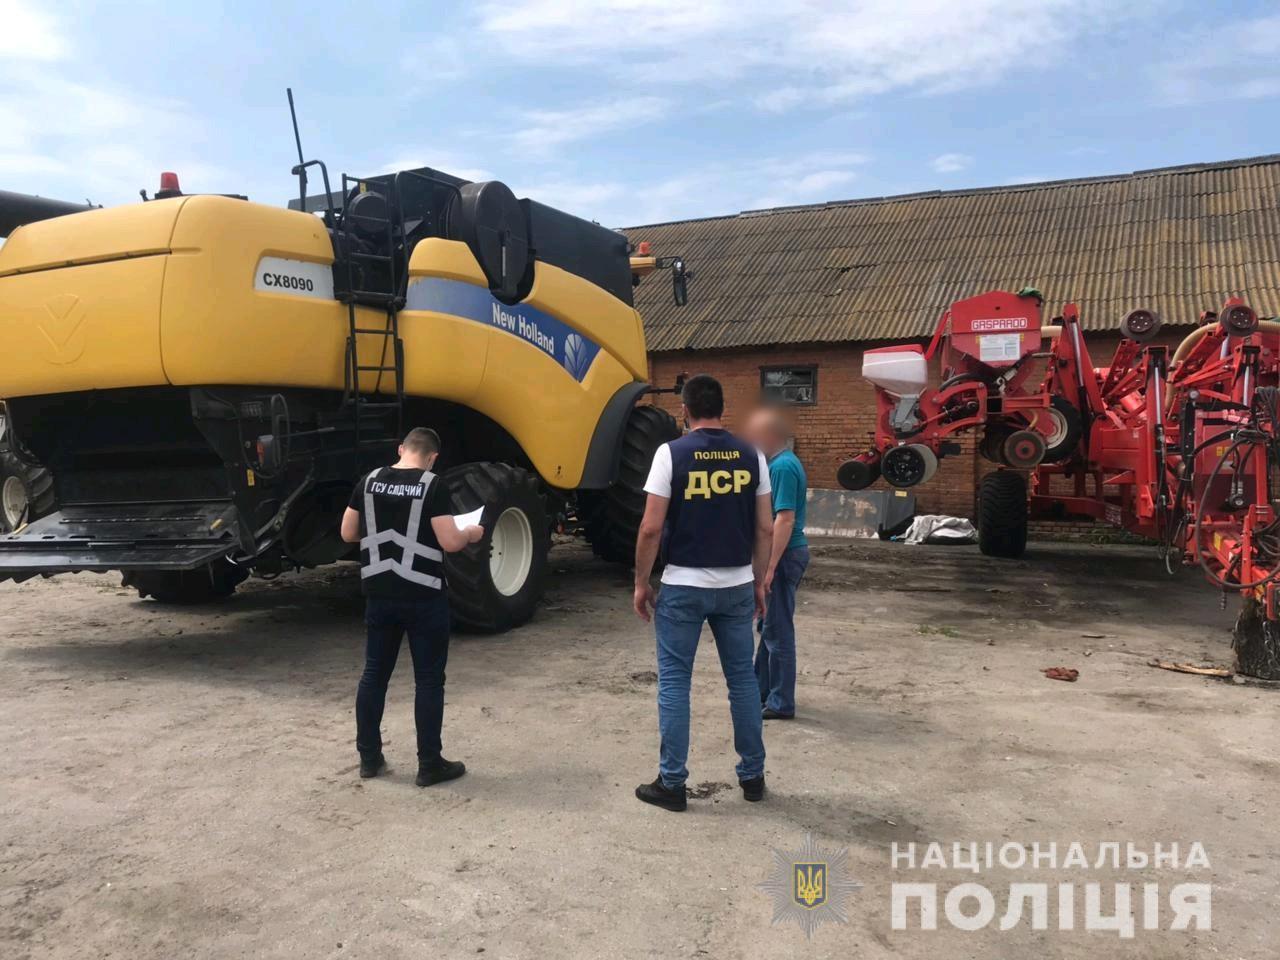 Рейдерство на 200 млн грн – на Харківщині затримали угруповання